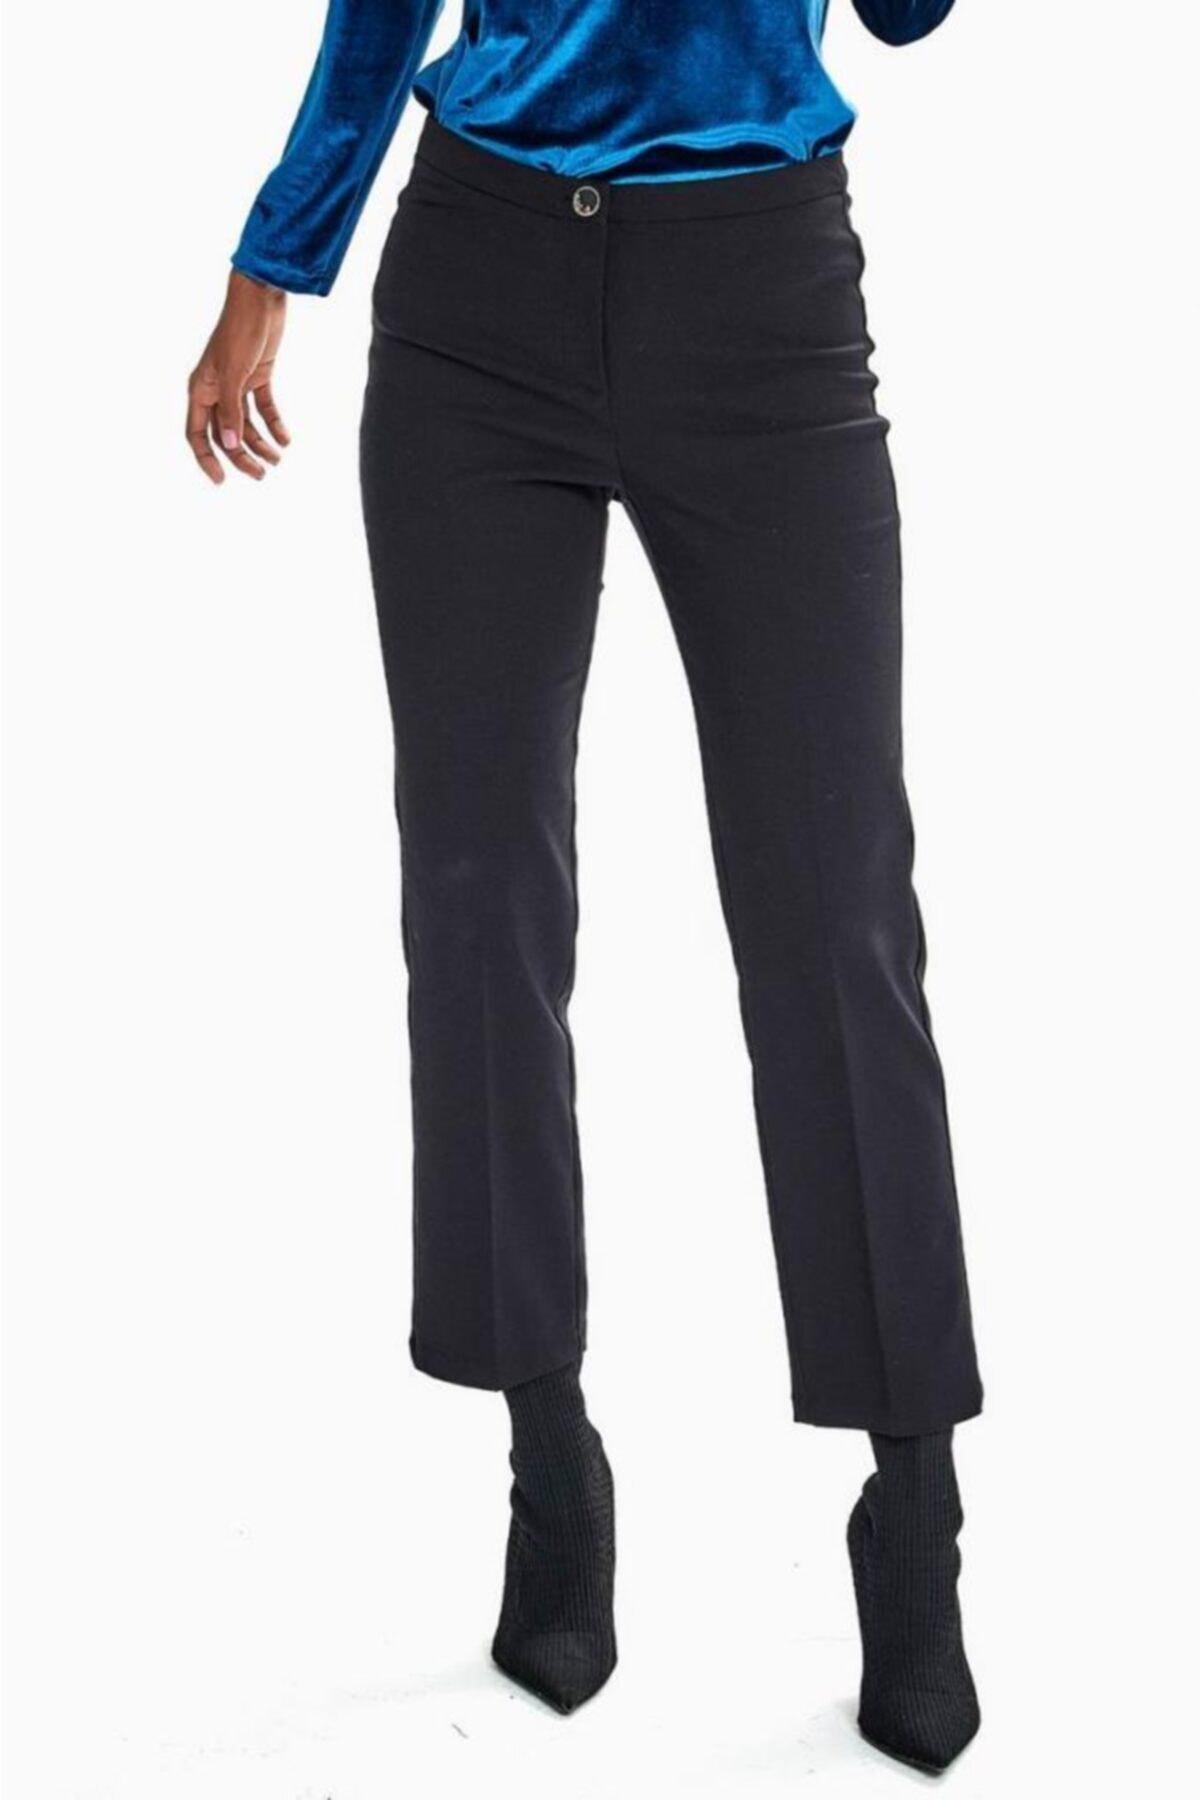 İKİLER Kadın Siyah Tek Düğmeli Relax Fit Pantolon 1